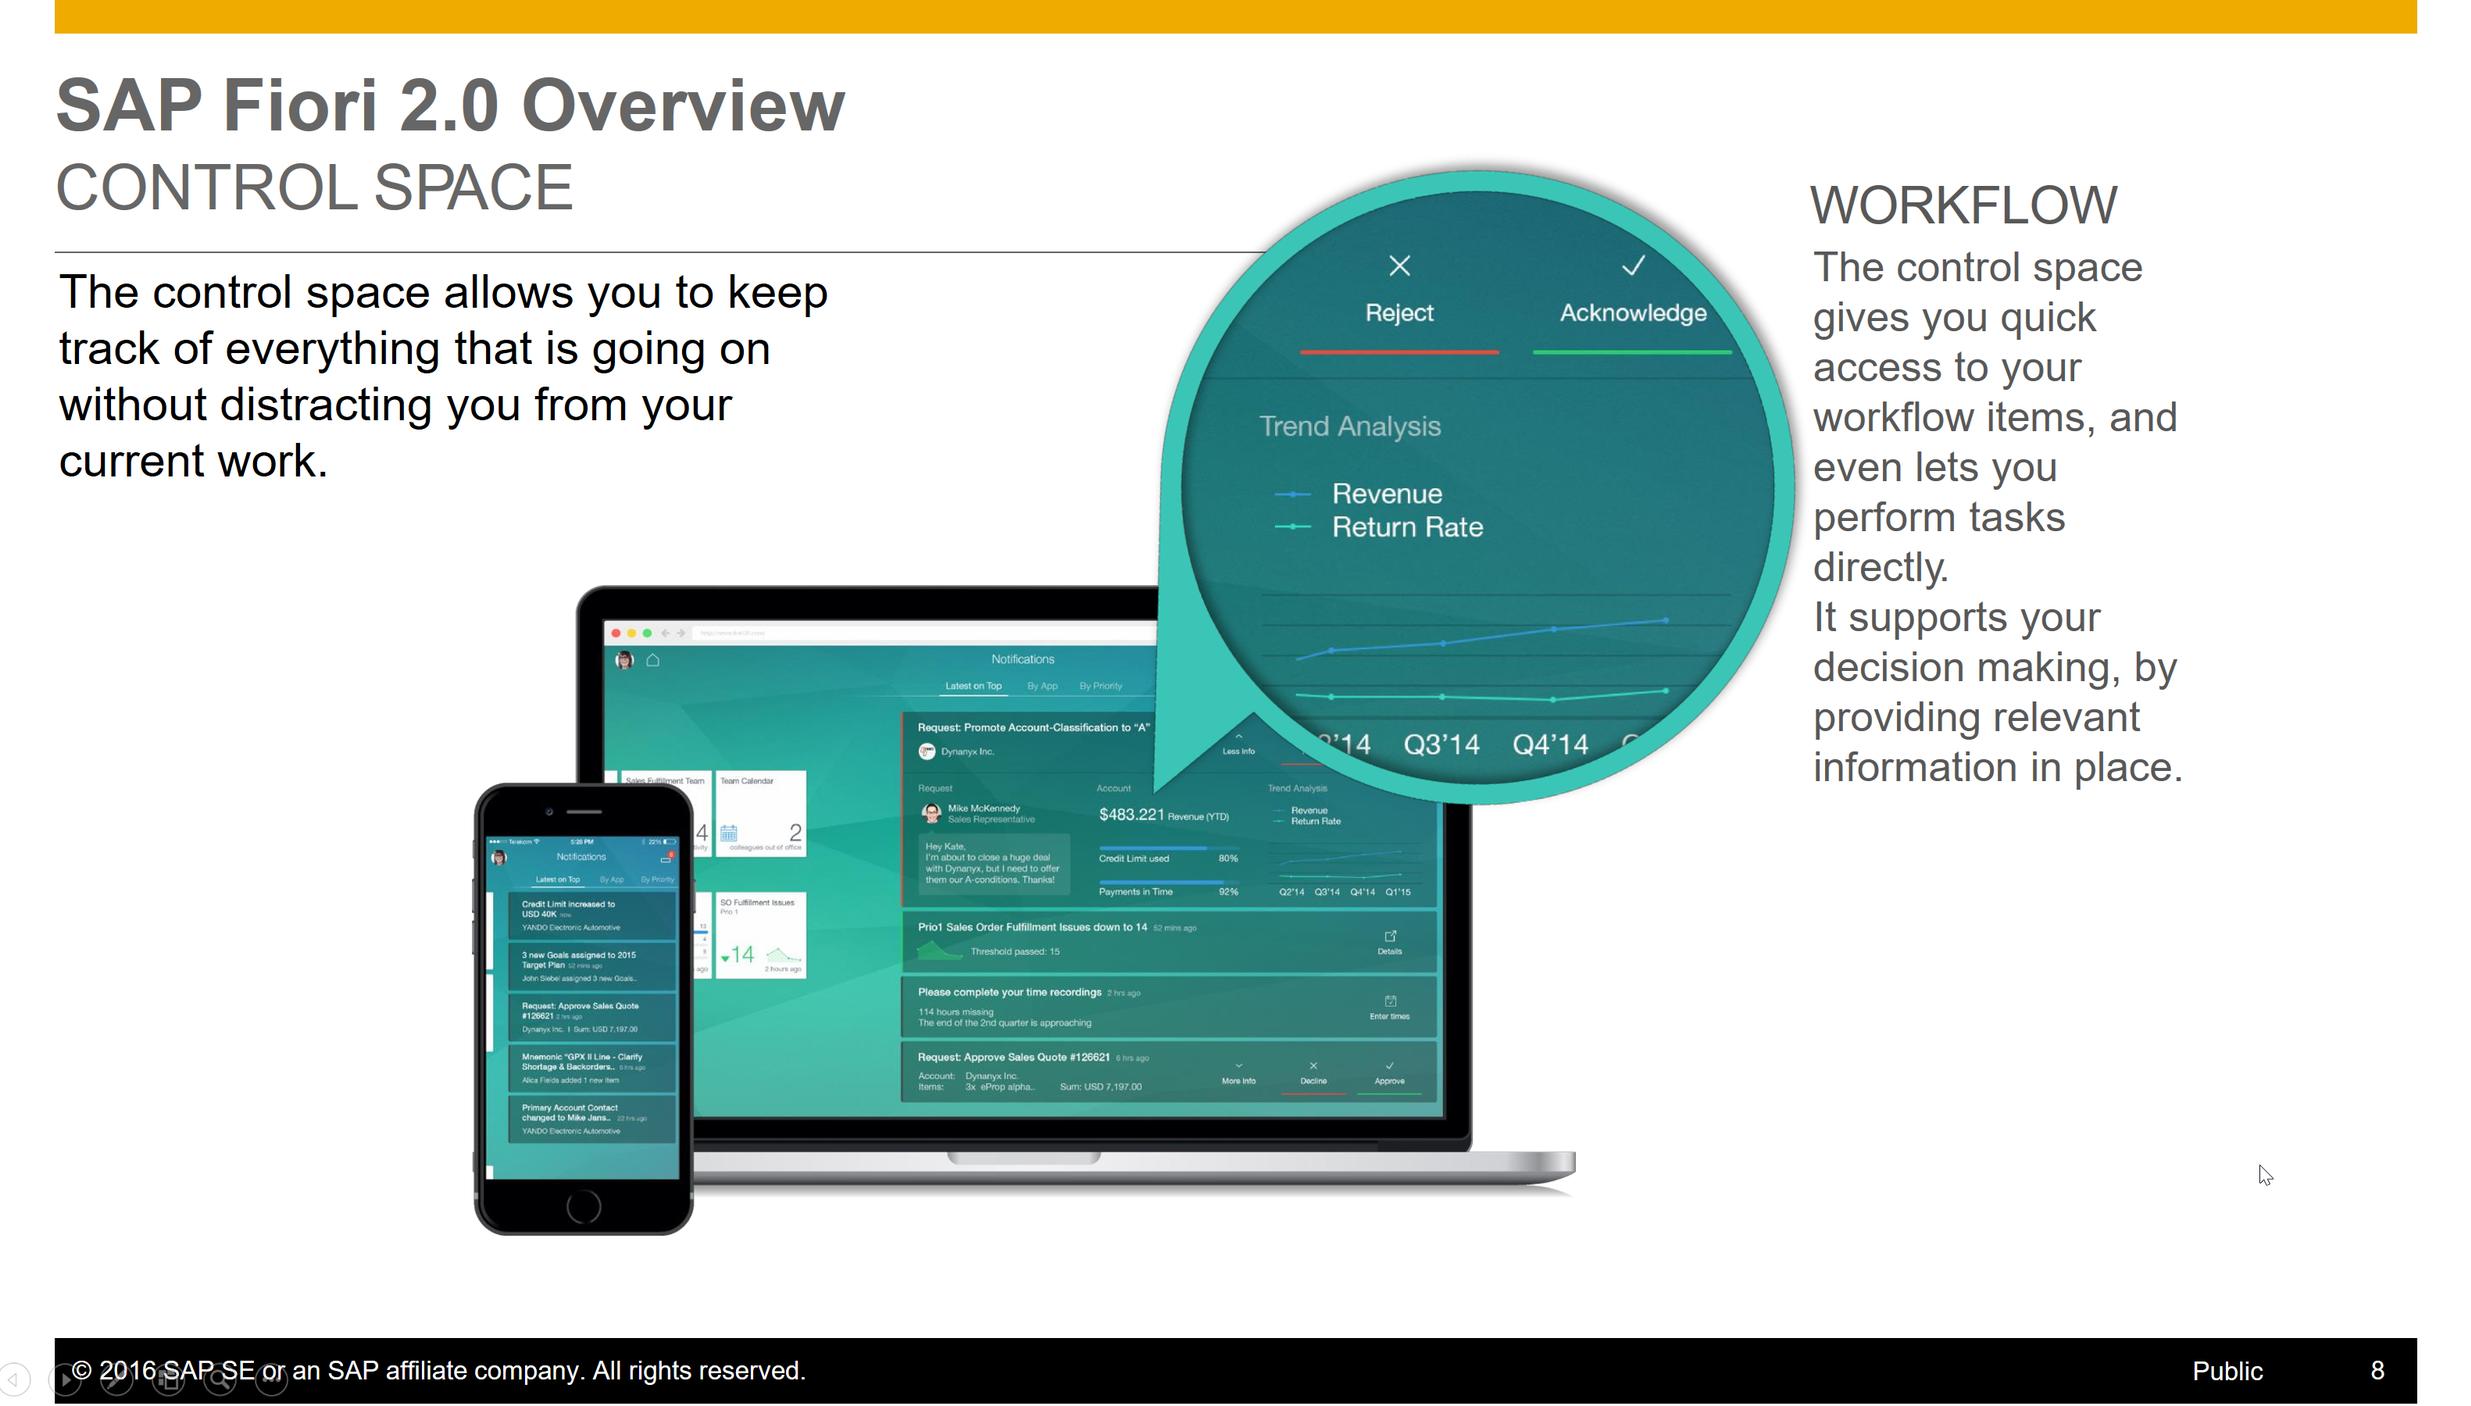 SAP Workflow& Fiori 2.0